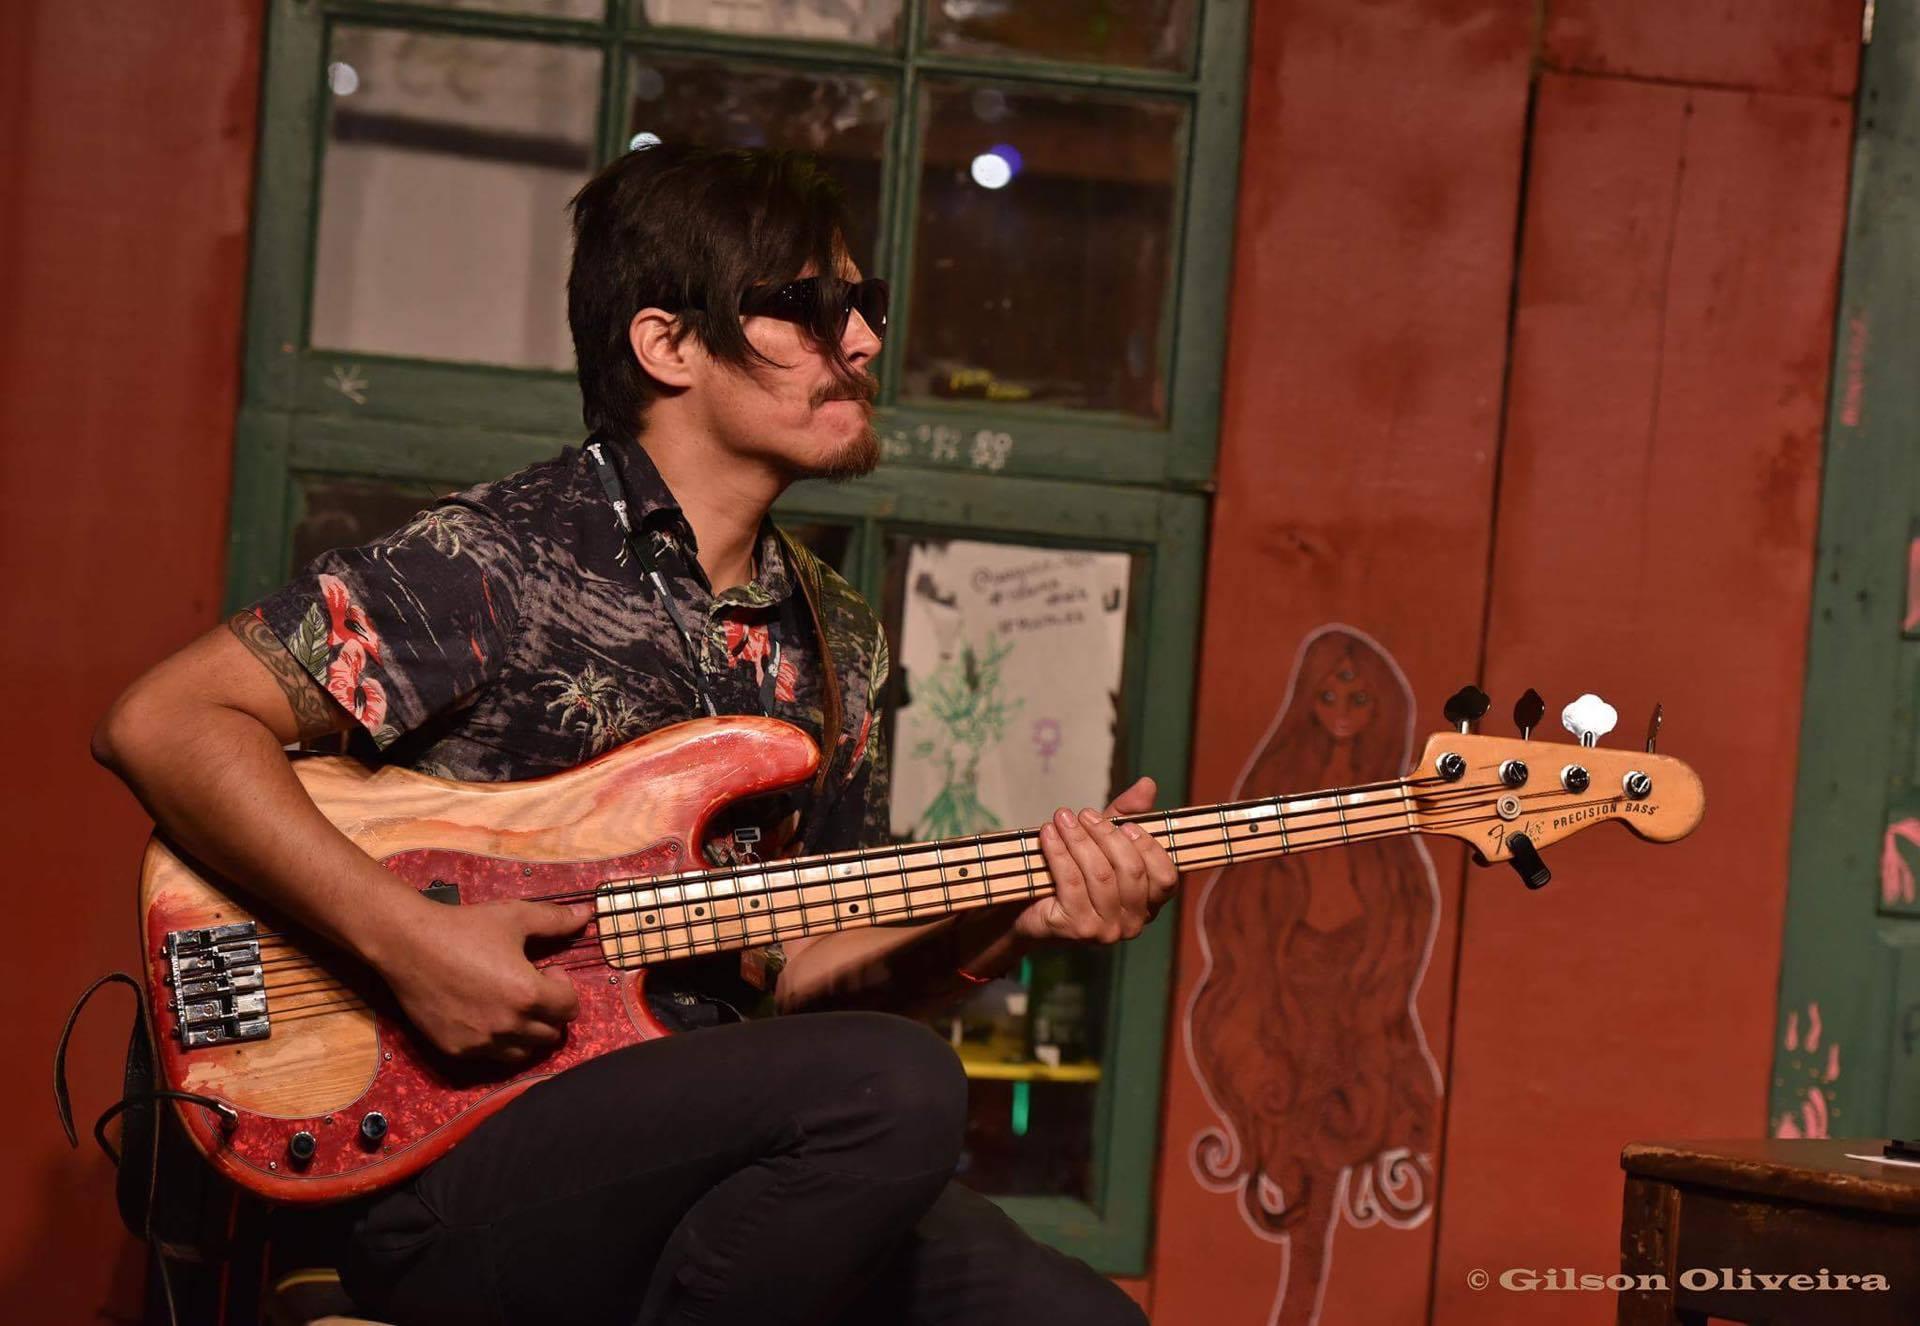 Foto de Gilson Oliveira do baixista chileno Freddy Muñoz, elogiado por Alamo Leal